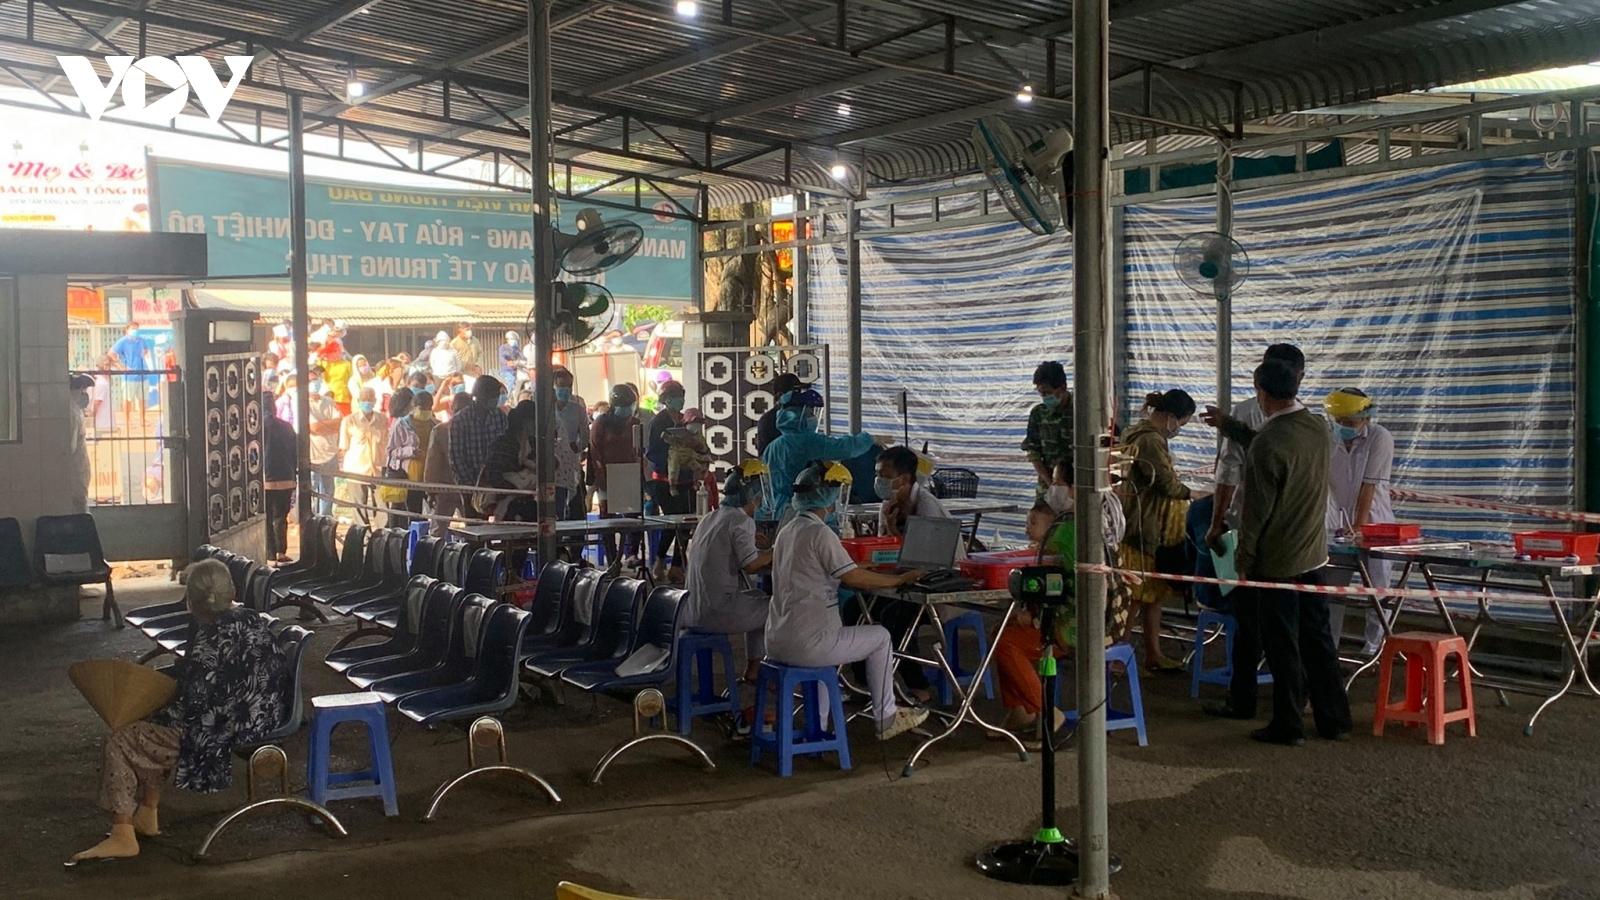 Tổ công tác của Bộ Y tế tích cực hỗ trợ tỉnh Tiền Giang chống dịch Covid-19